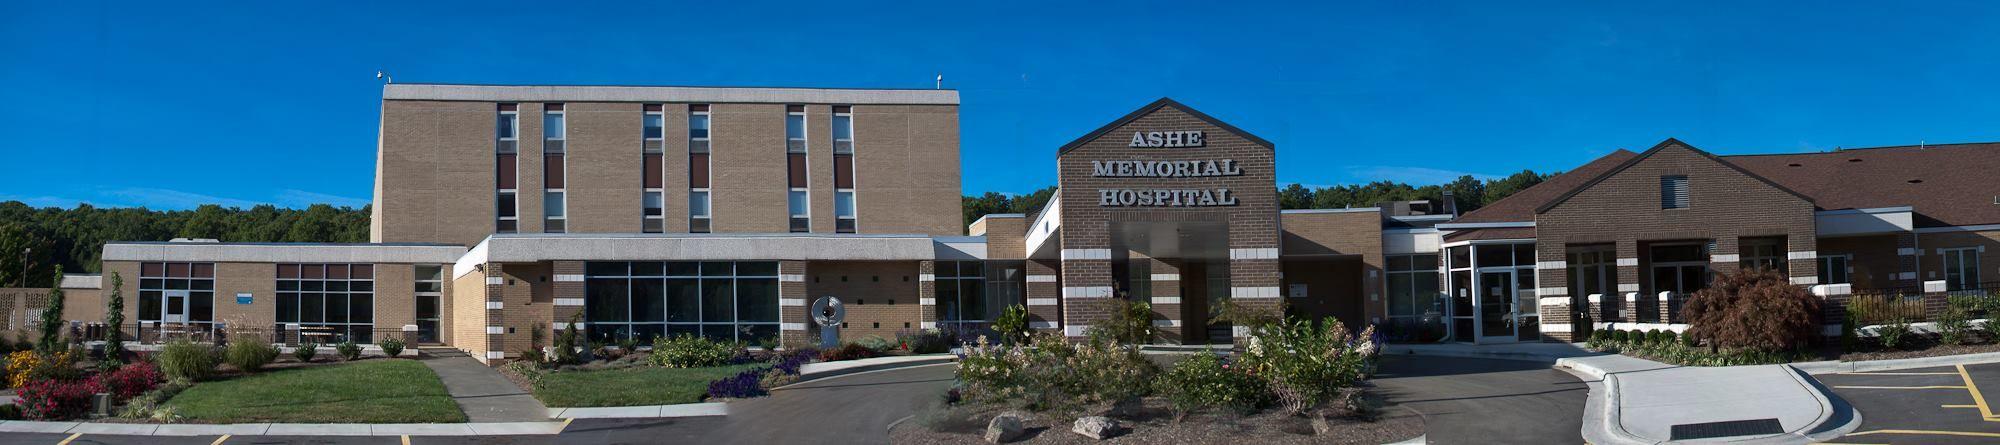 Ashe Memorial Hospital